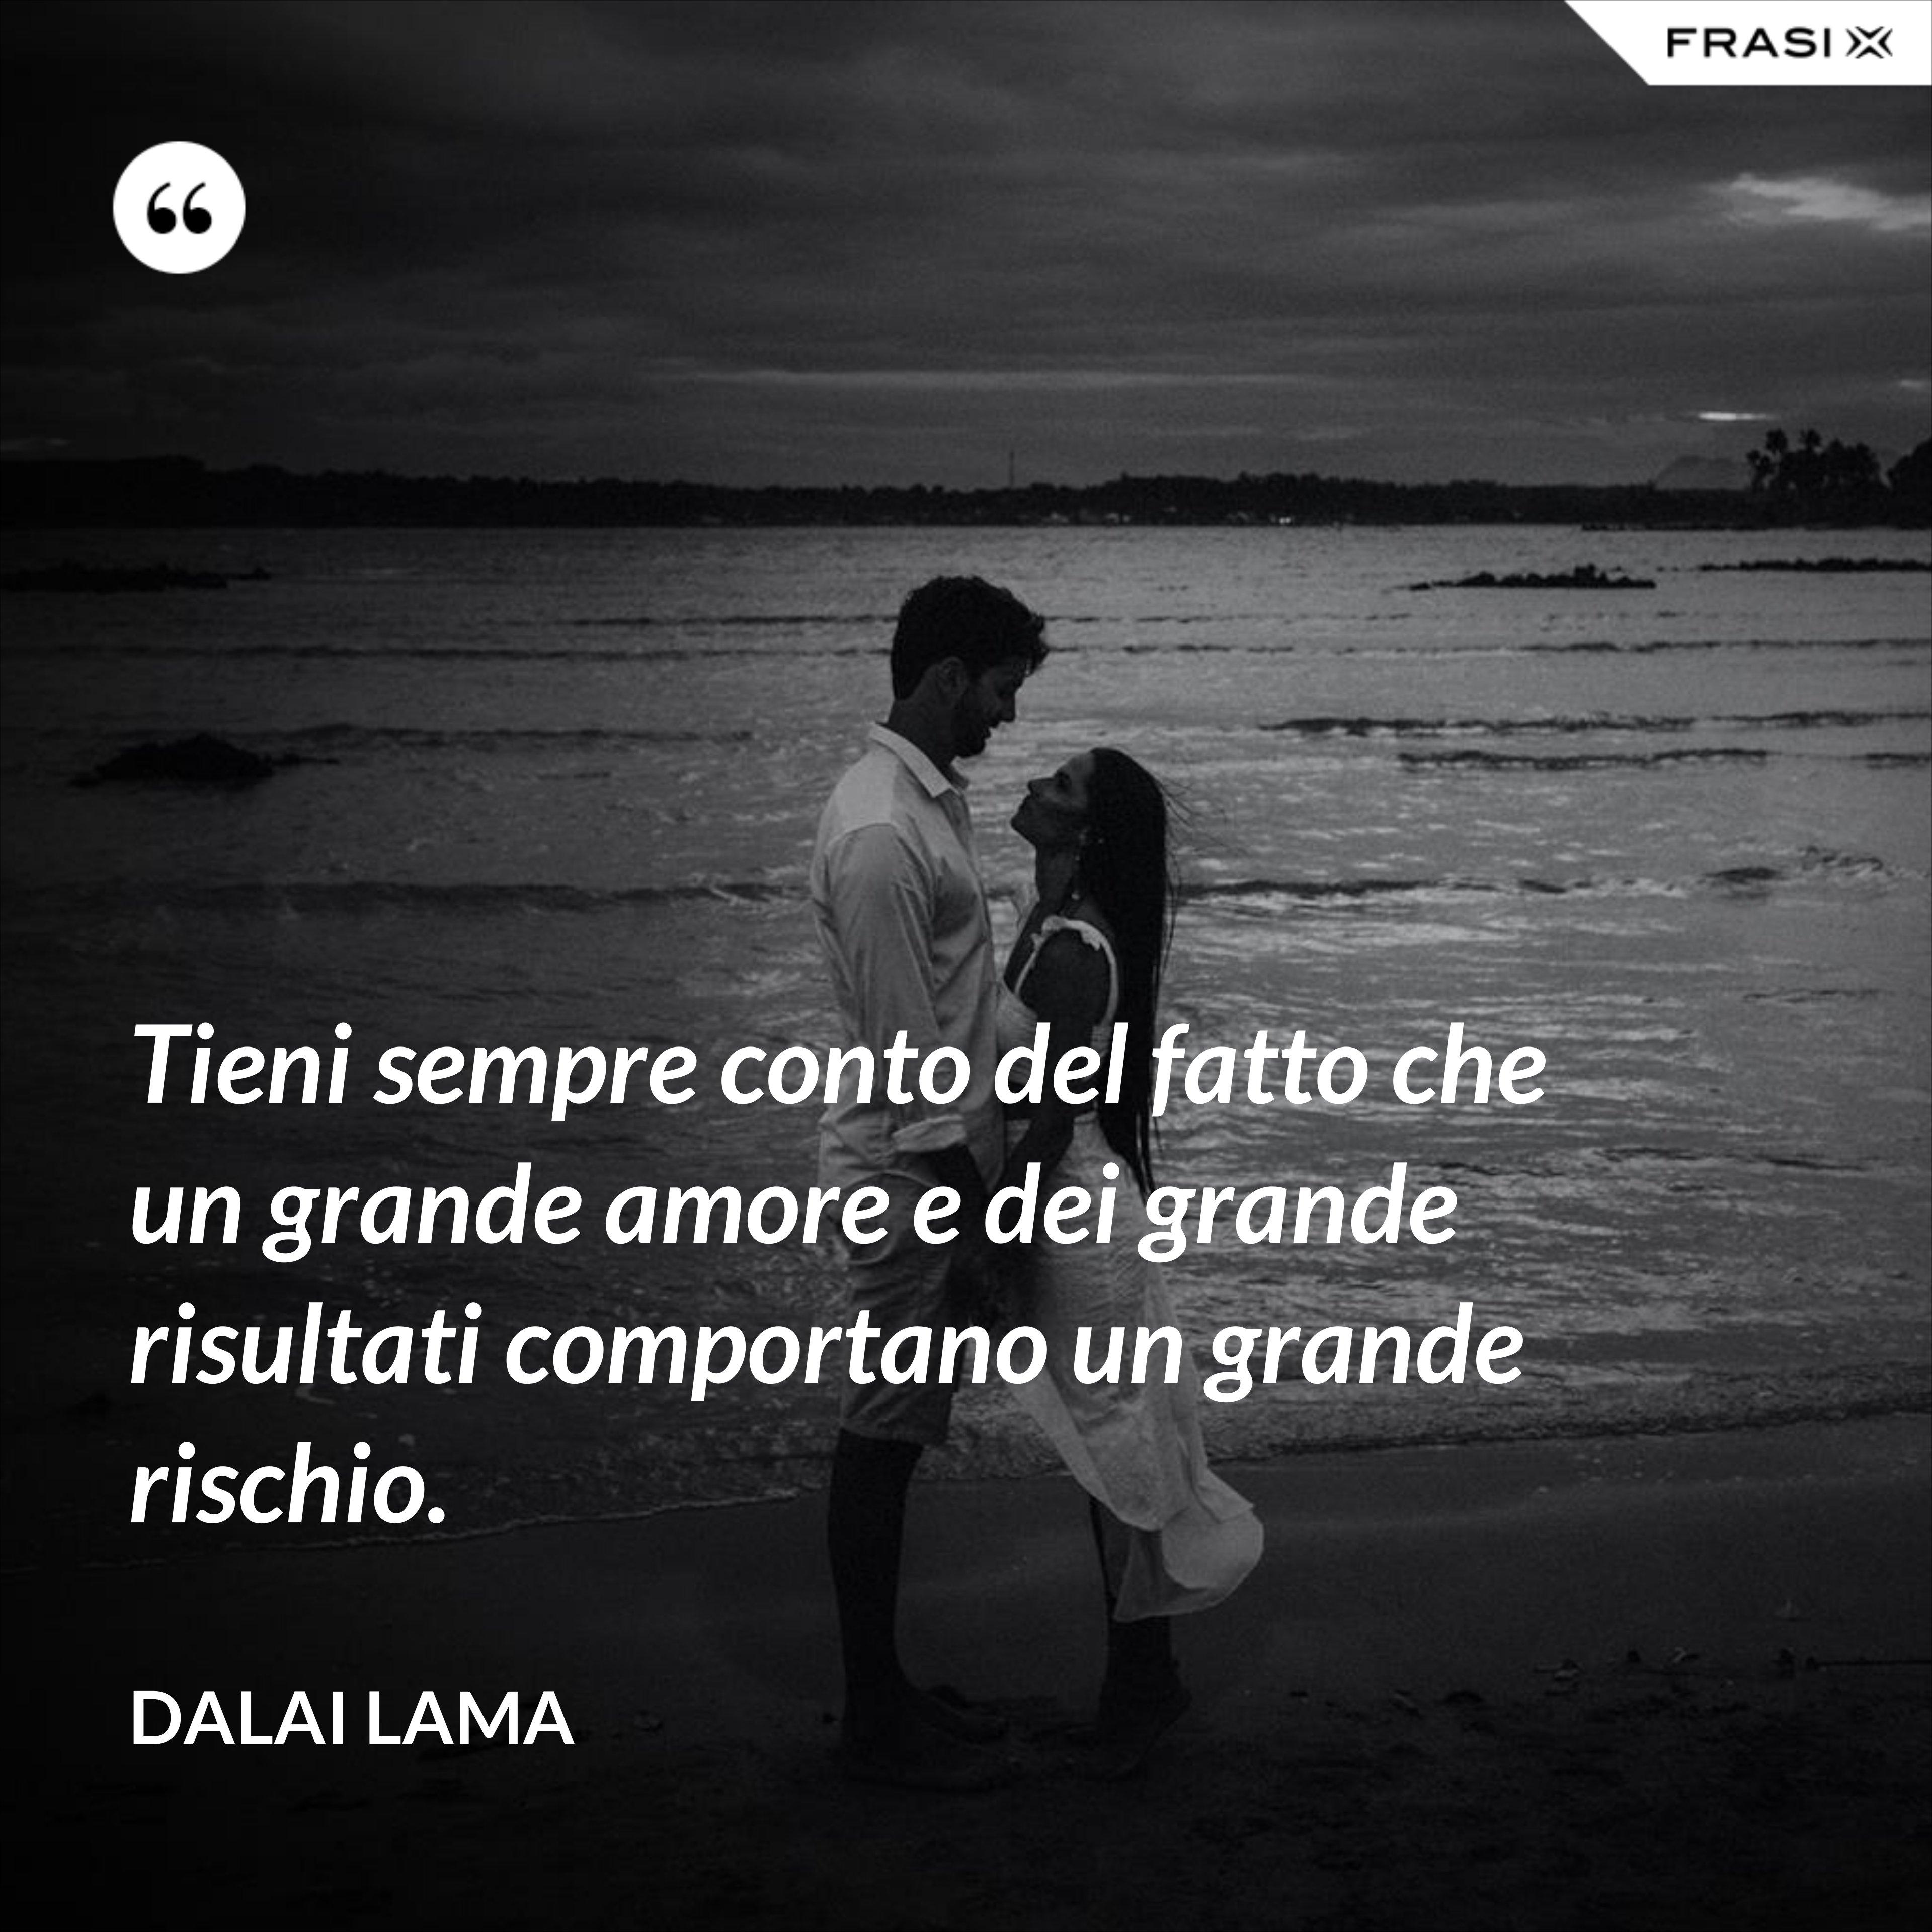 Tieni sempre conto del fatto che un grande amore e dei grande risultati comportano un grande rischio. - Dalai Lama